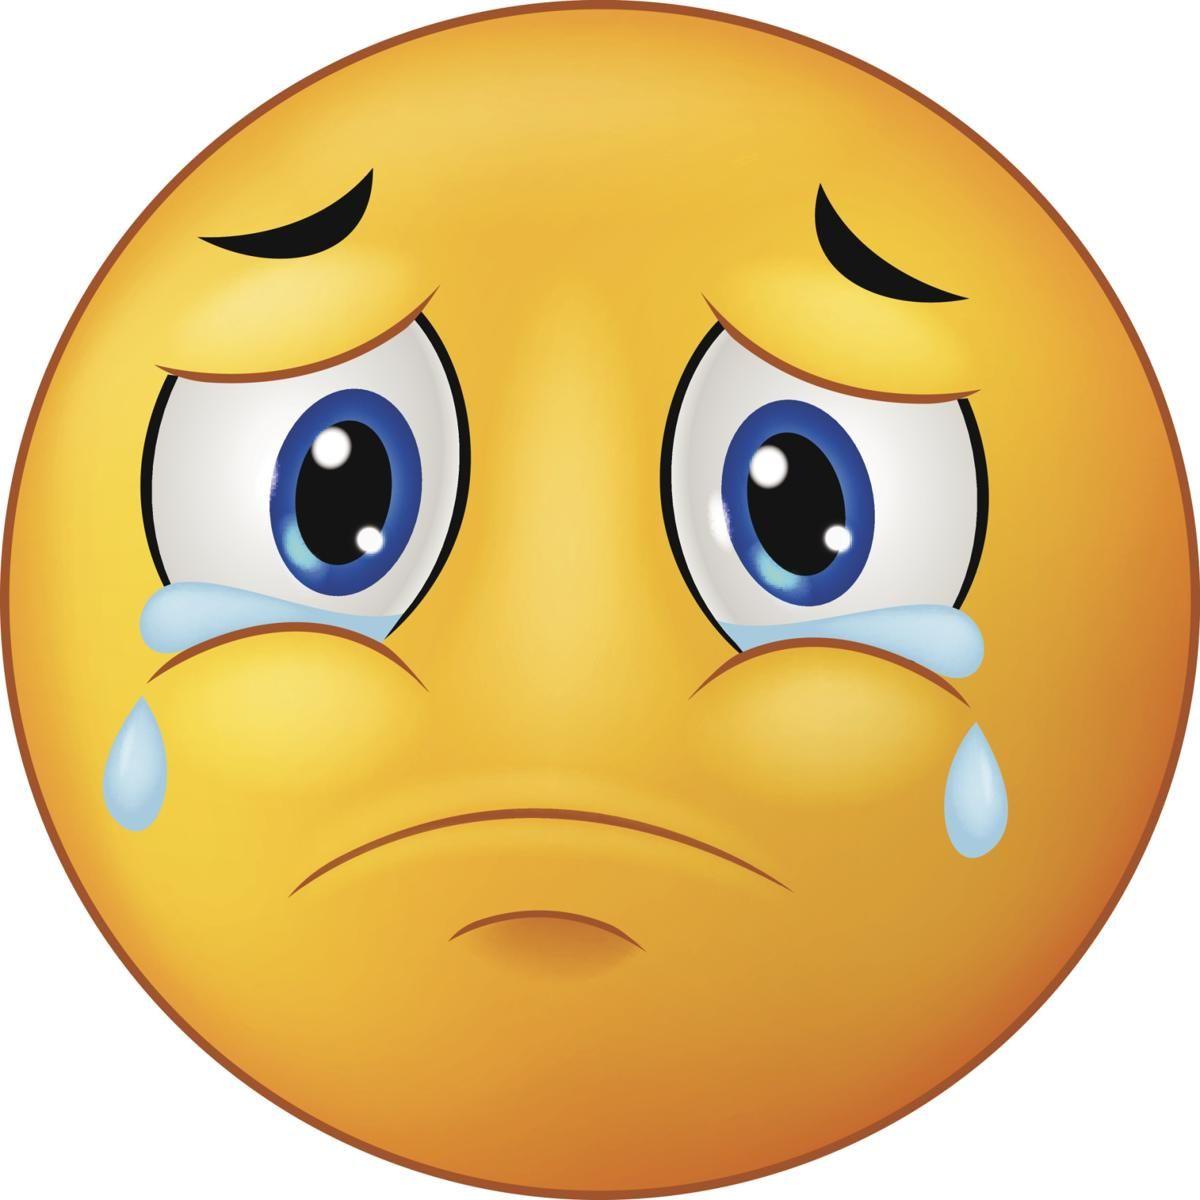 sad emoticon | Smiley emoji, Emoticon faces, Crying emoji